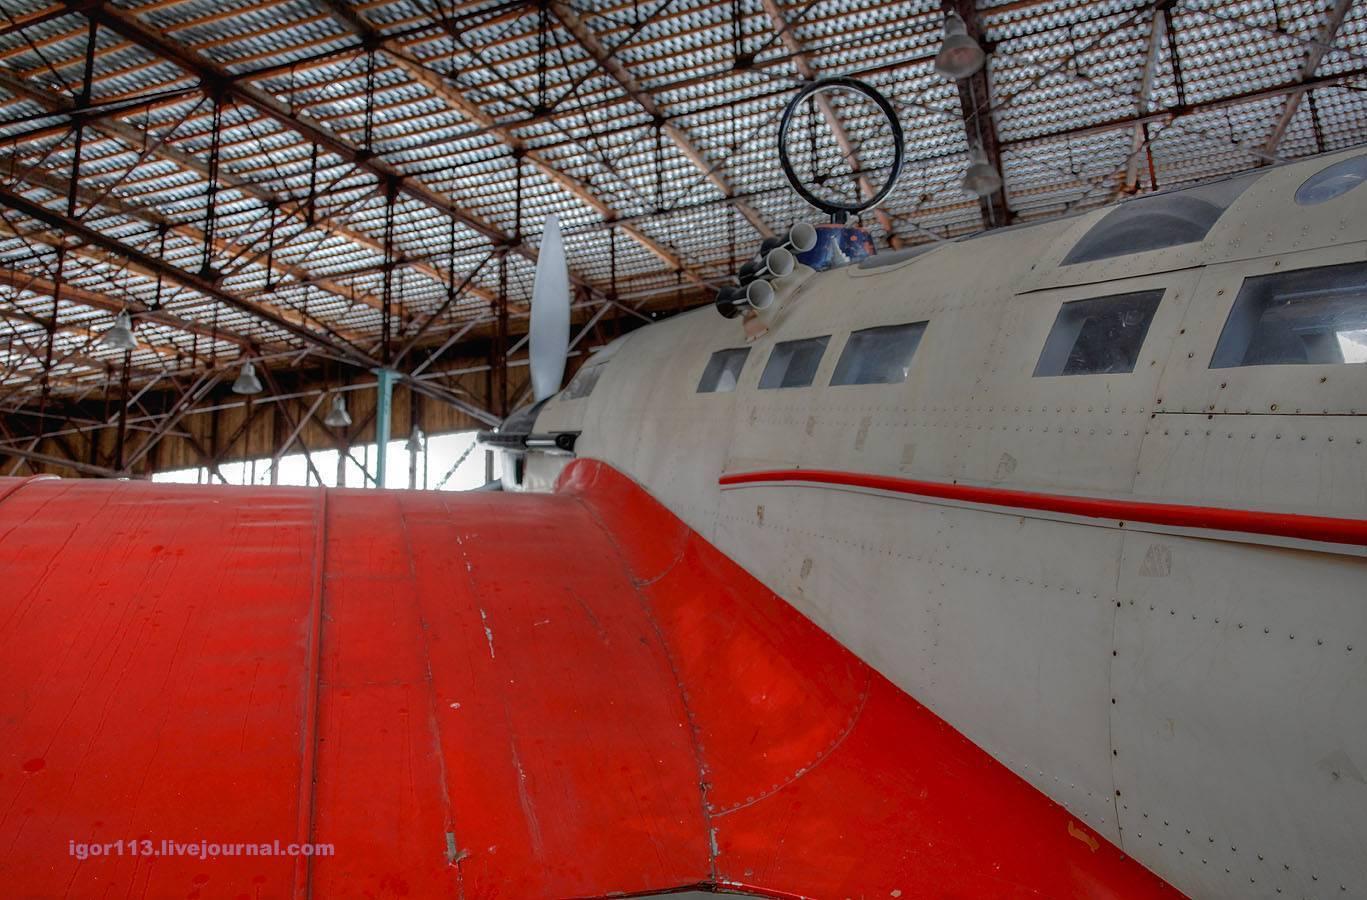 АНТ-25 (РД): сталинский самолет для рекордов